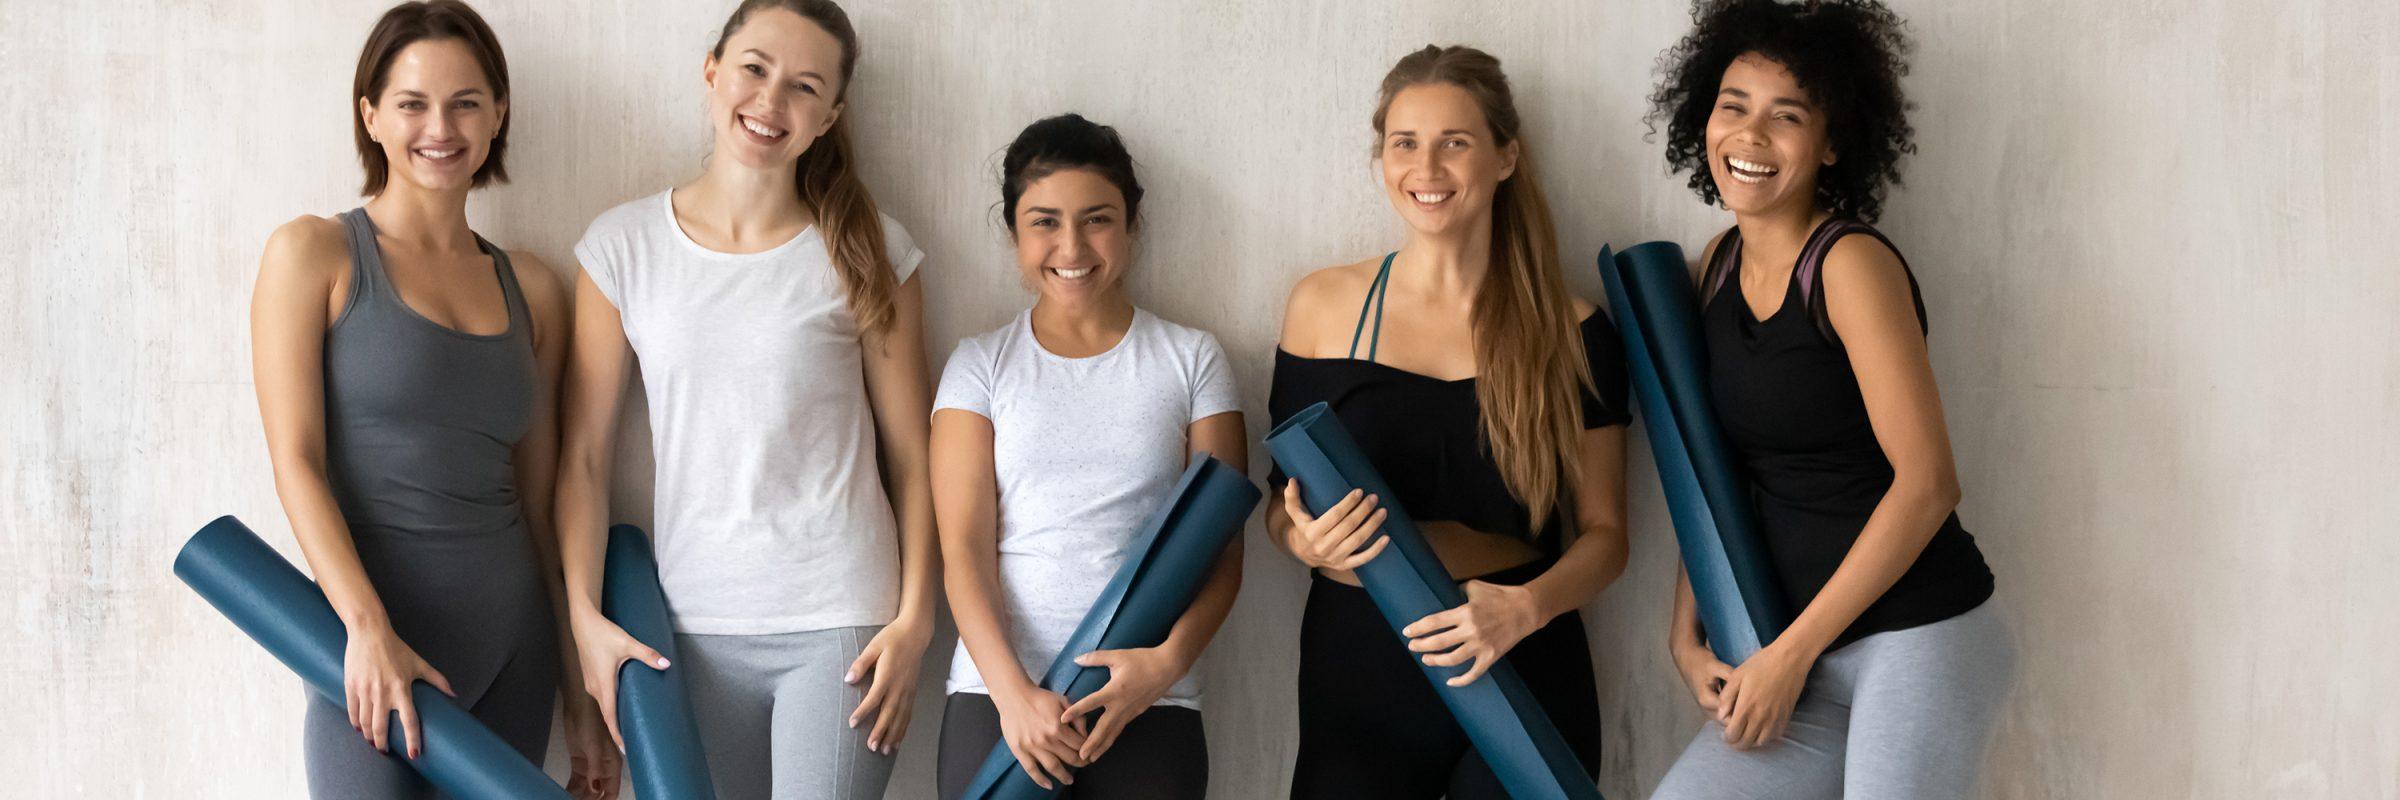 Frauen Fitnessstudio